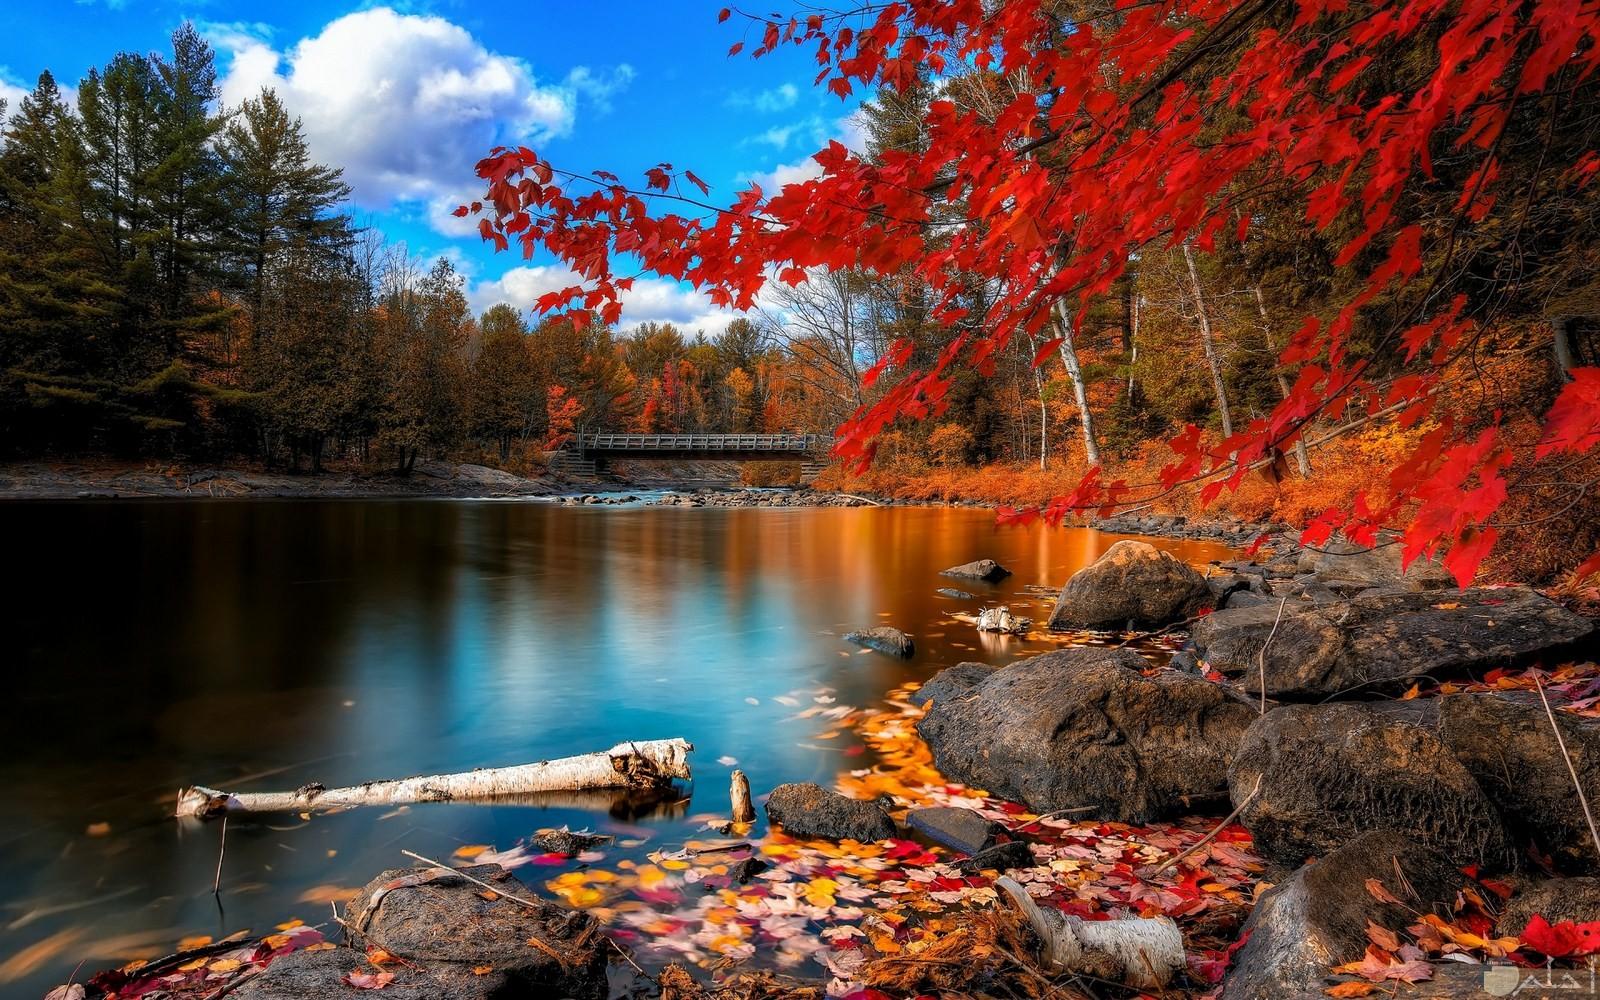 أجمل مناظر الأنهار و المحاطة بالأشجار.